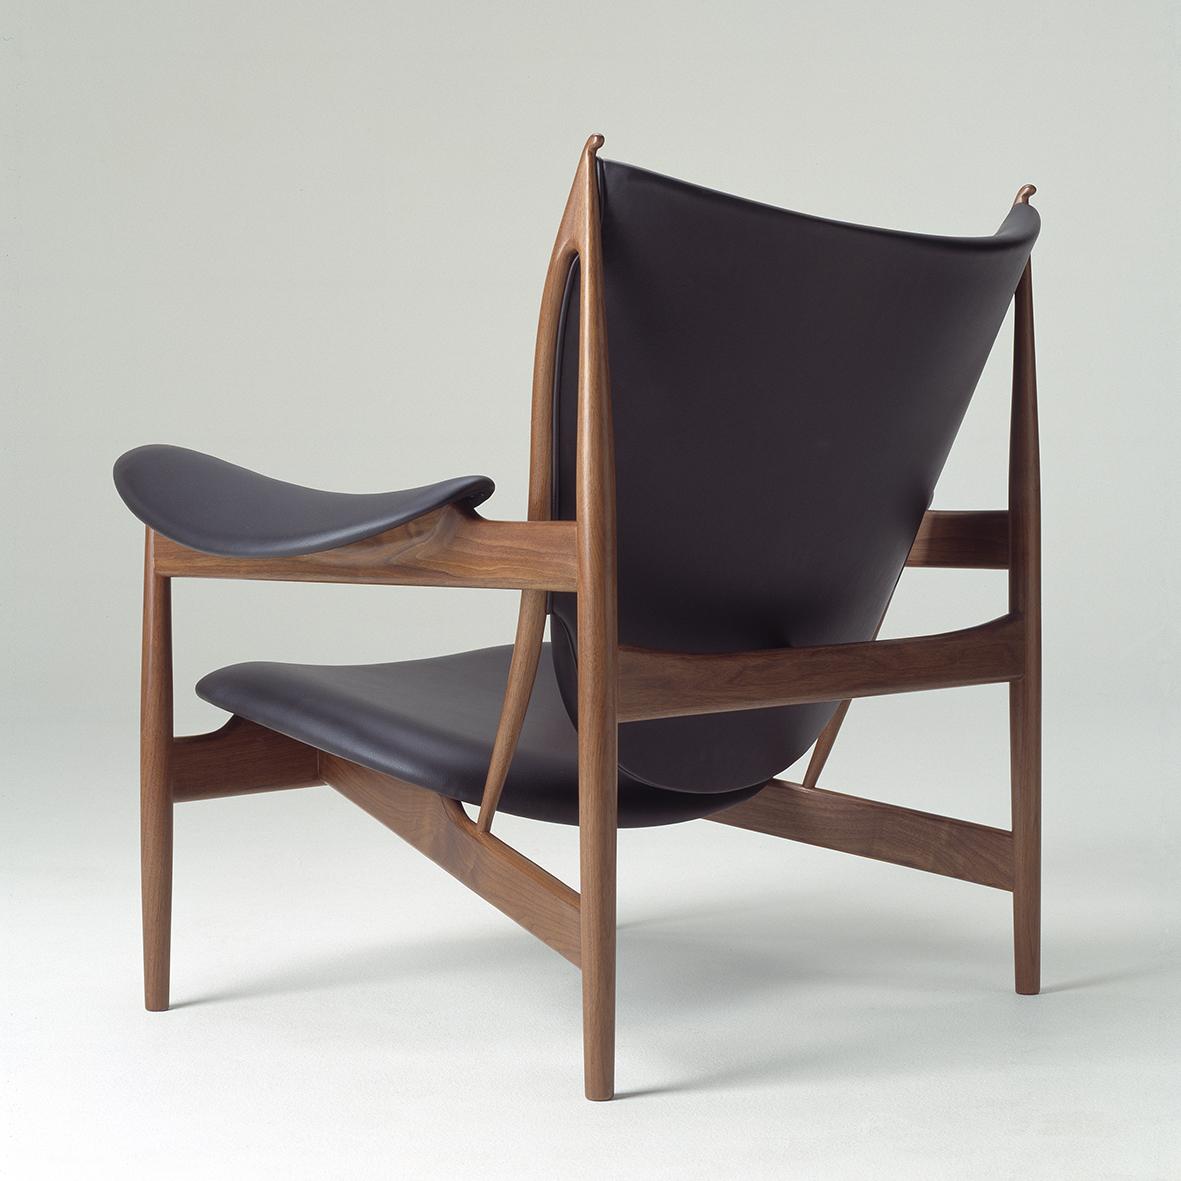 silla de diseño danes